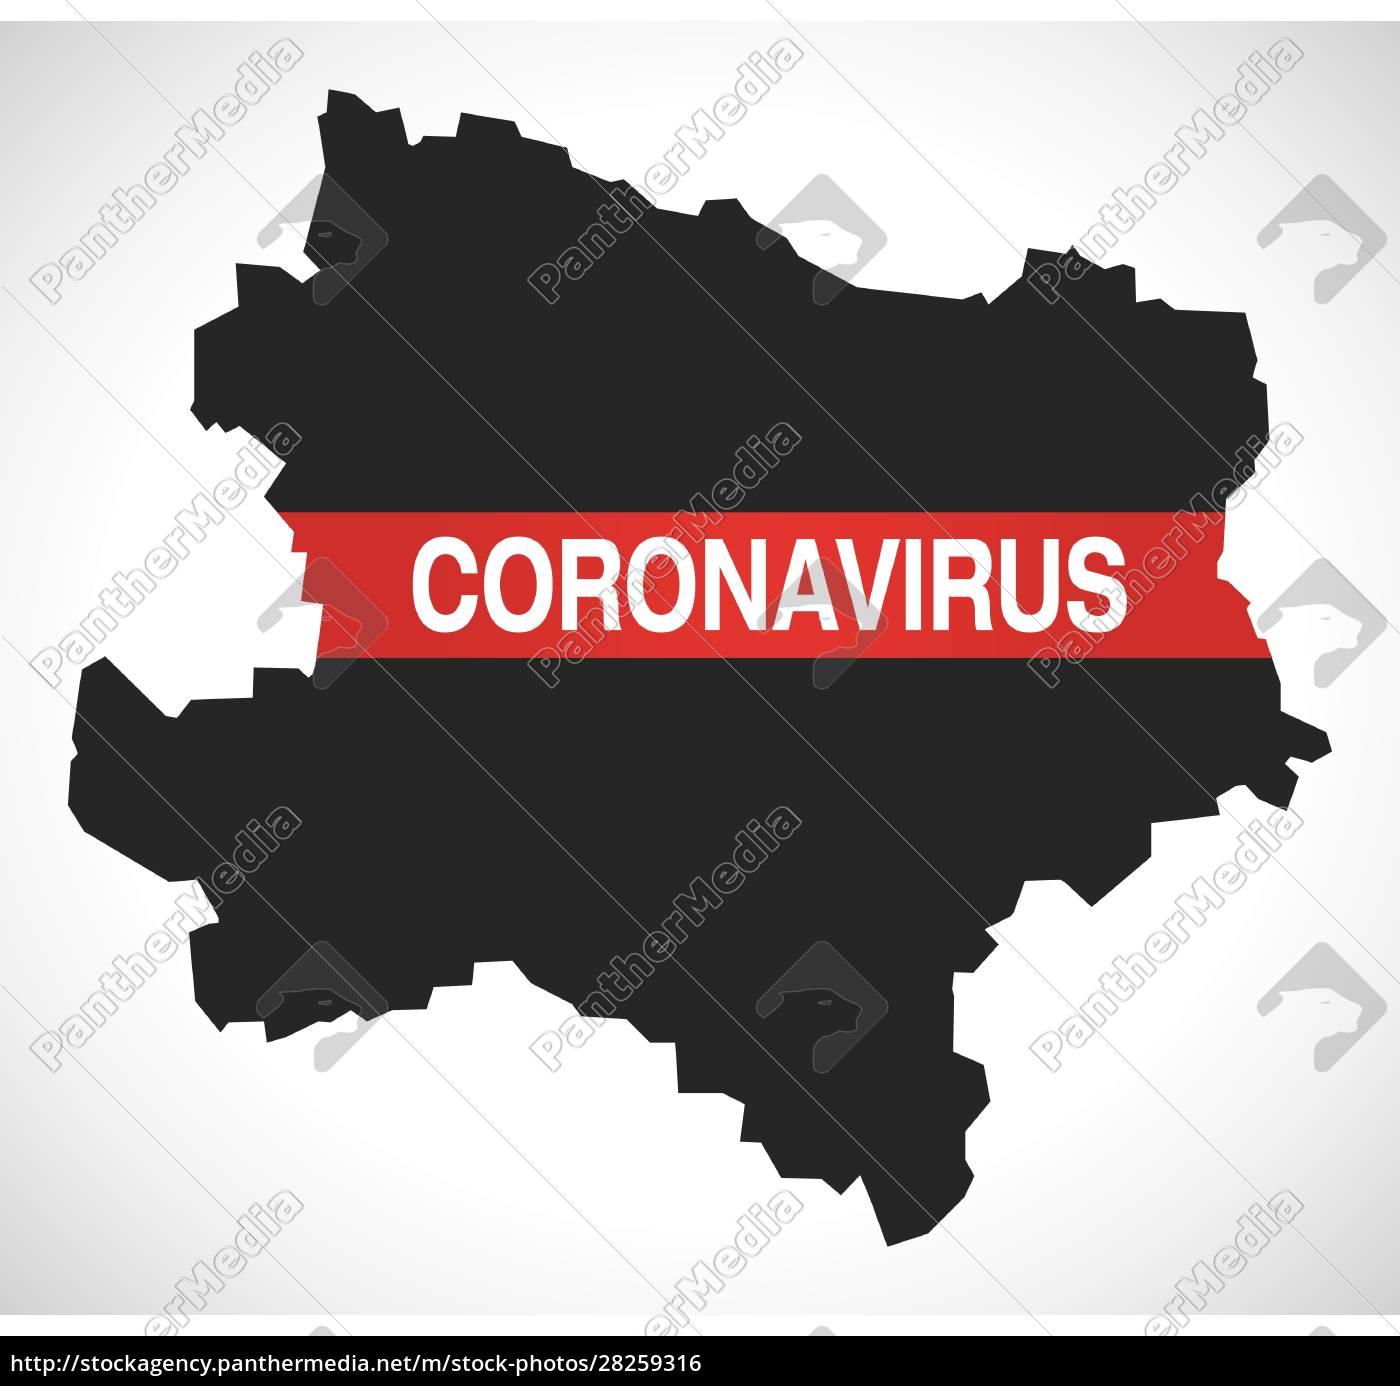 lower, austria, austria, federal, state, map - 28259316